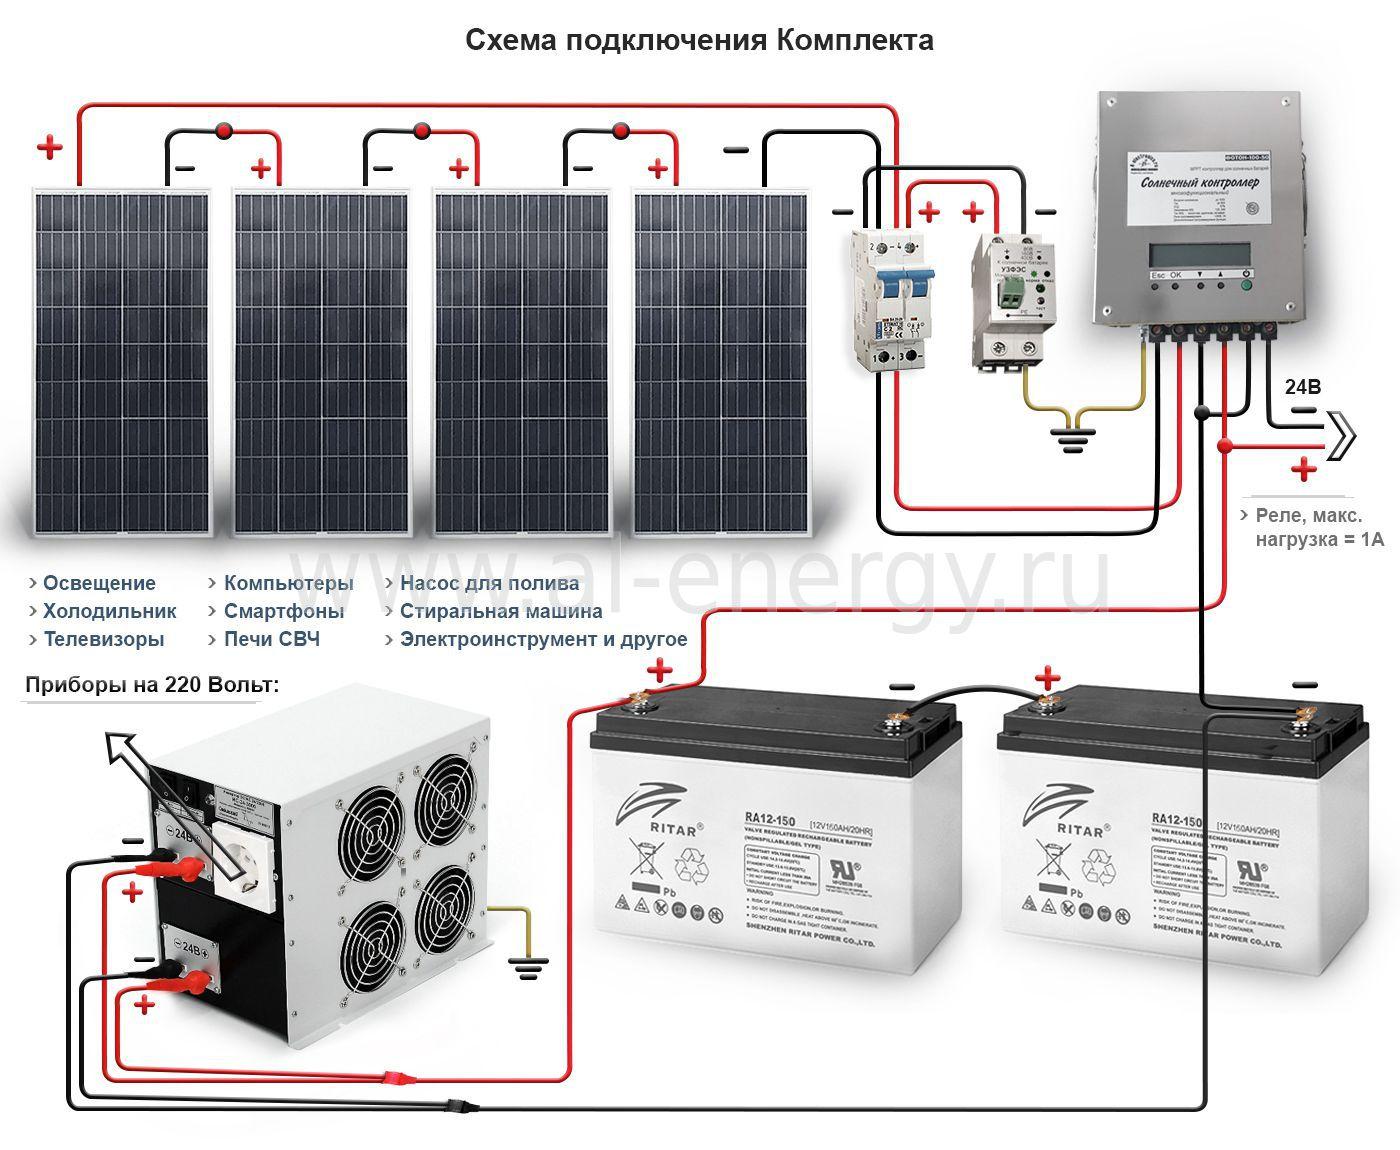 Аккумуляторы для солнечных батарей: виды, правила выбора и эксплуатации